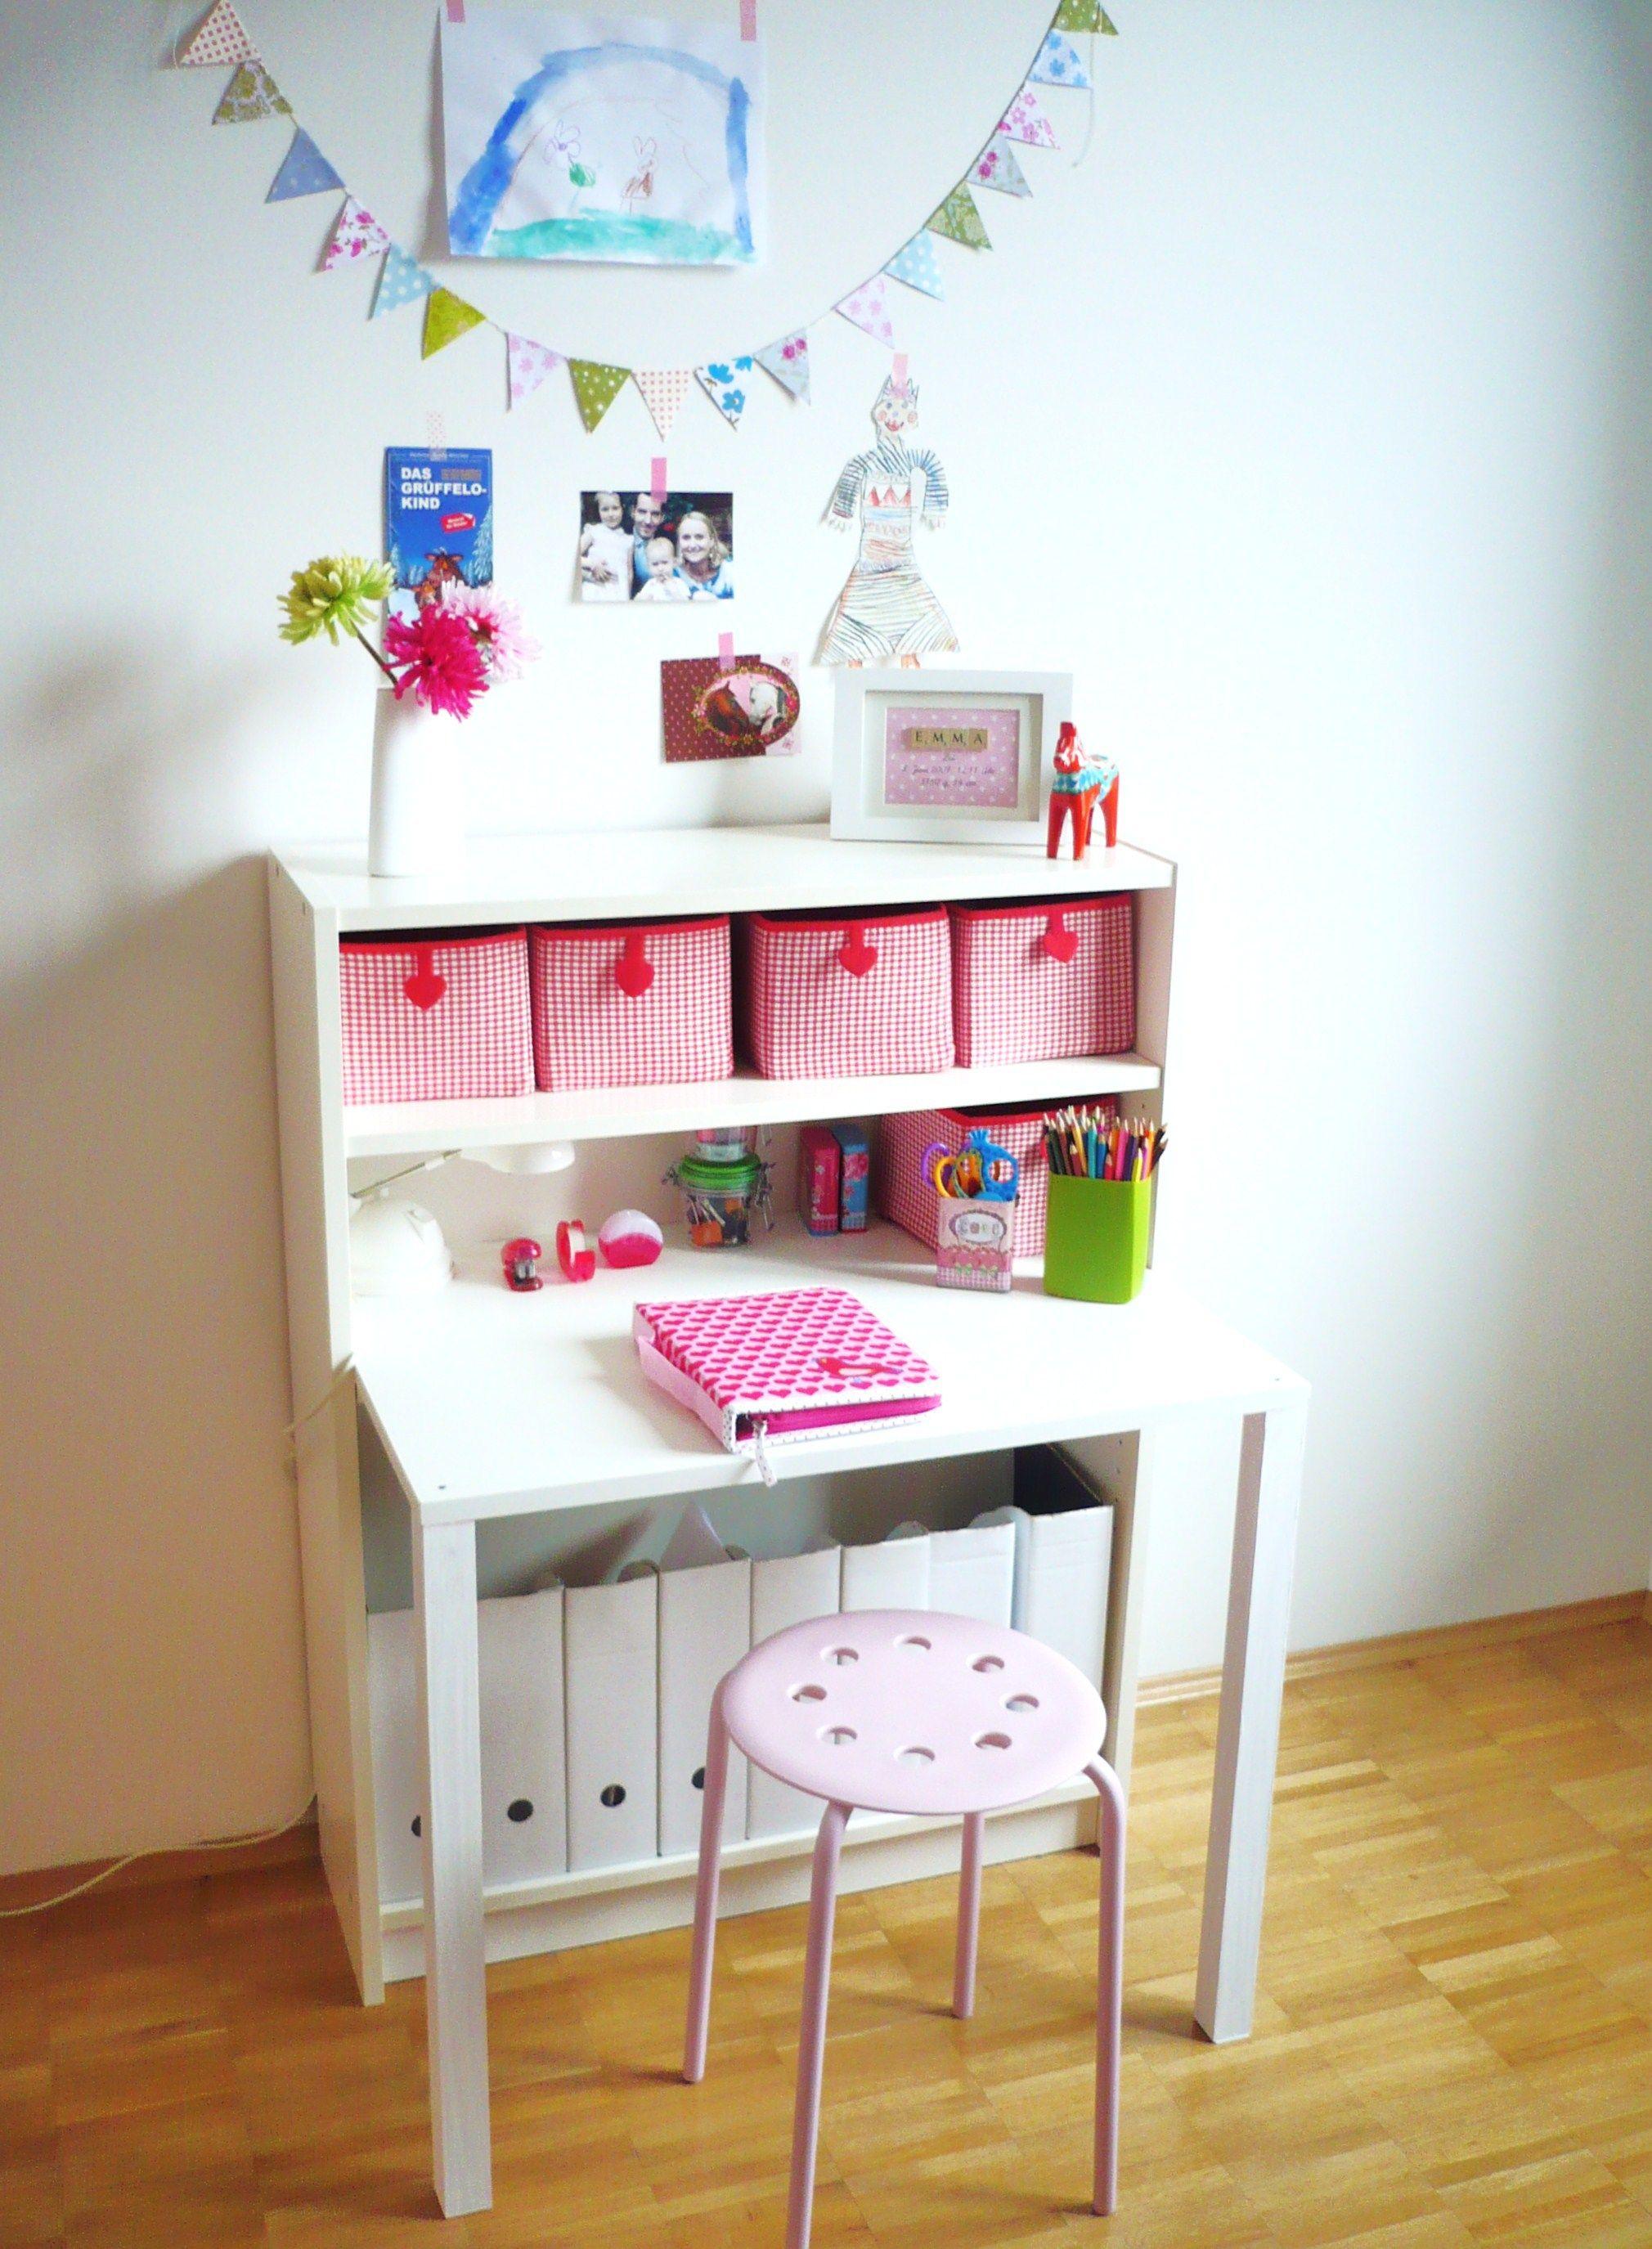 wovon kleine und gro e m dchen manchmal tr umen home girls room pinterest. Black Bedroom Furniture Sets. Home Design Ideas